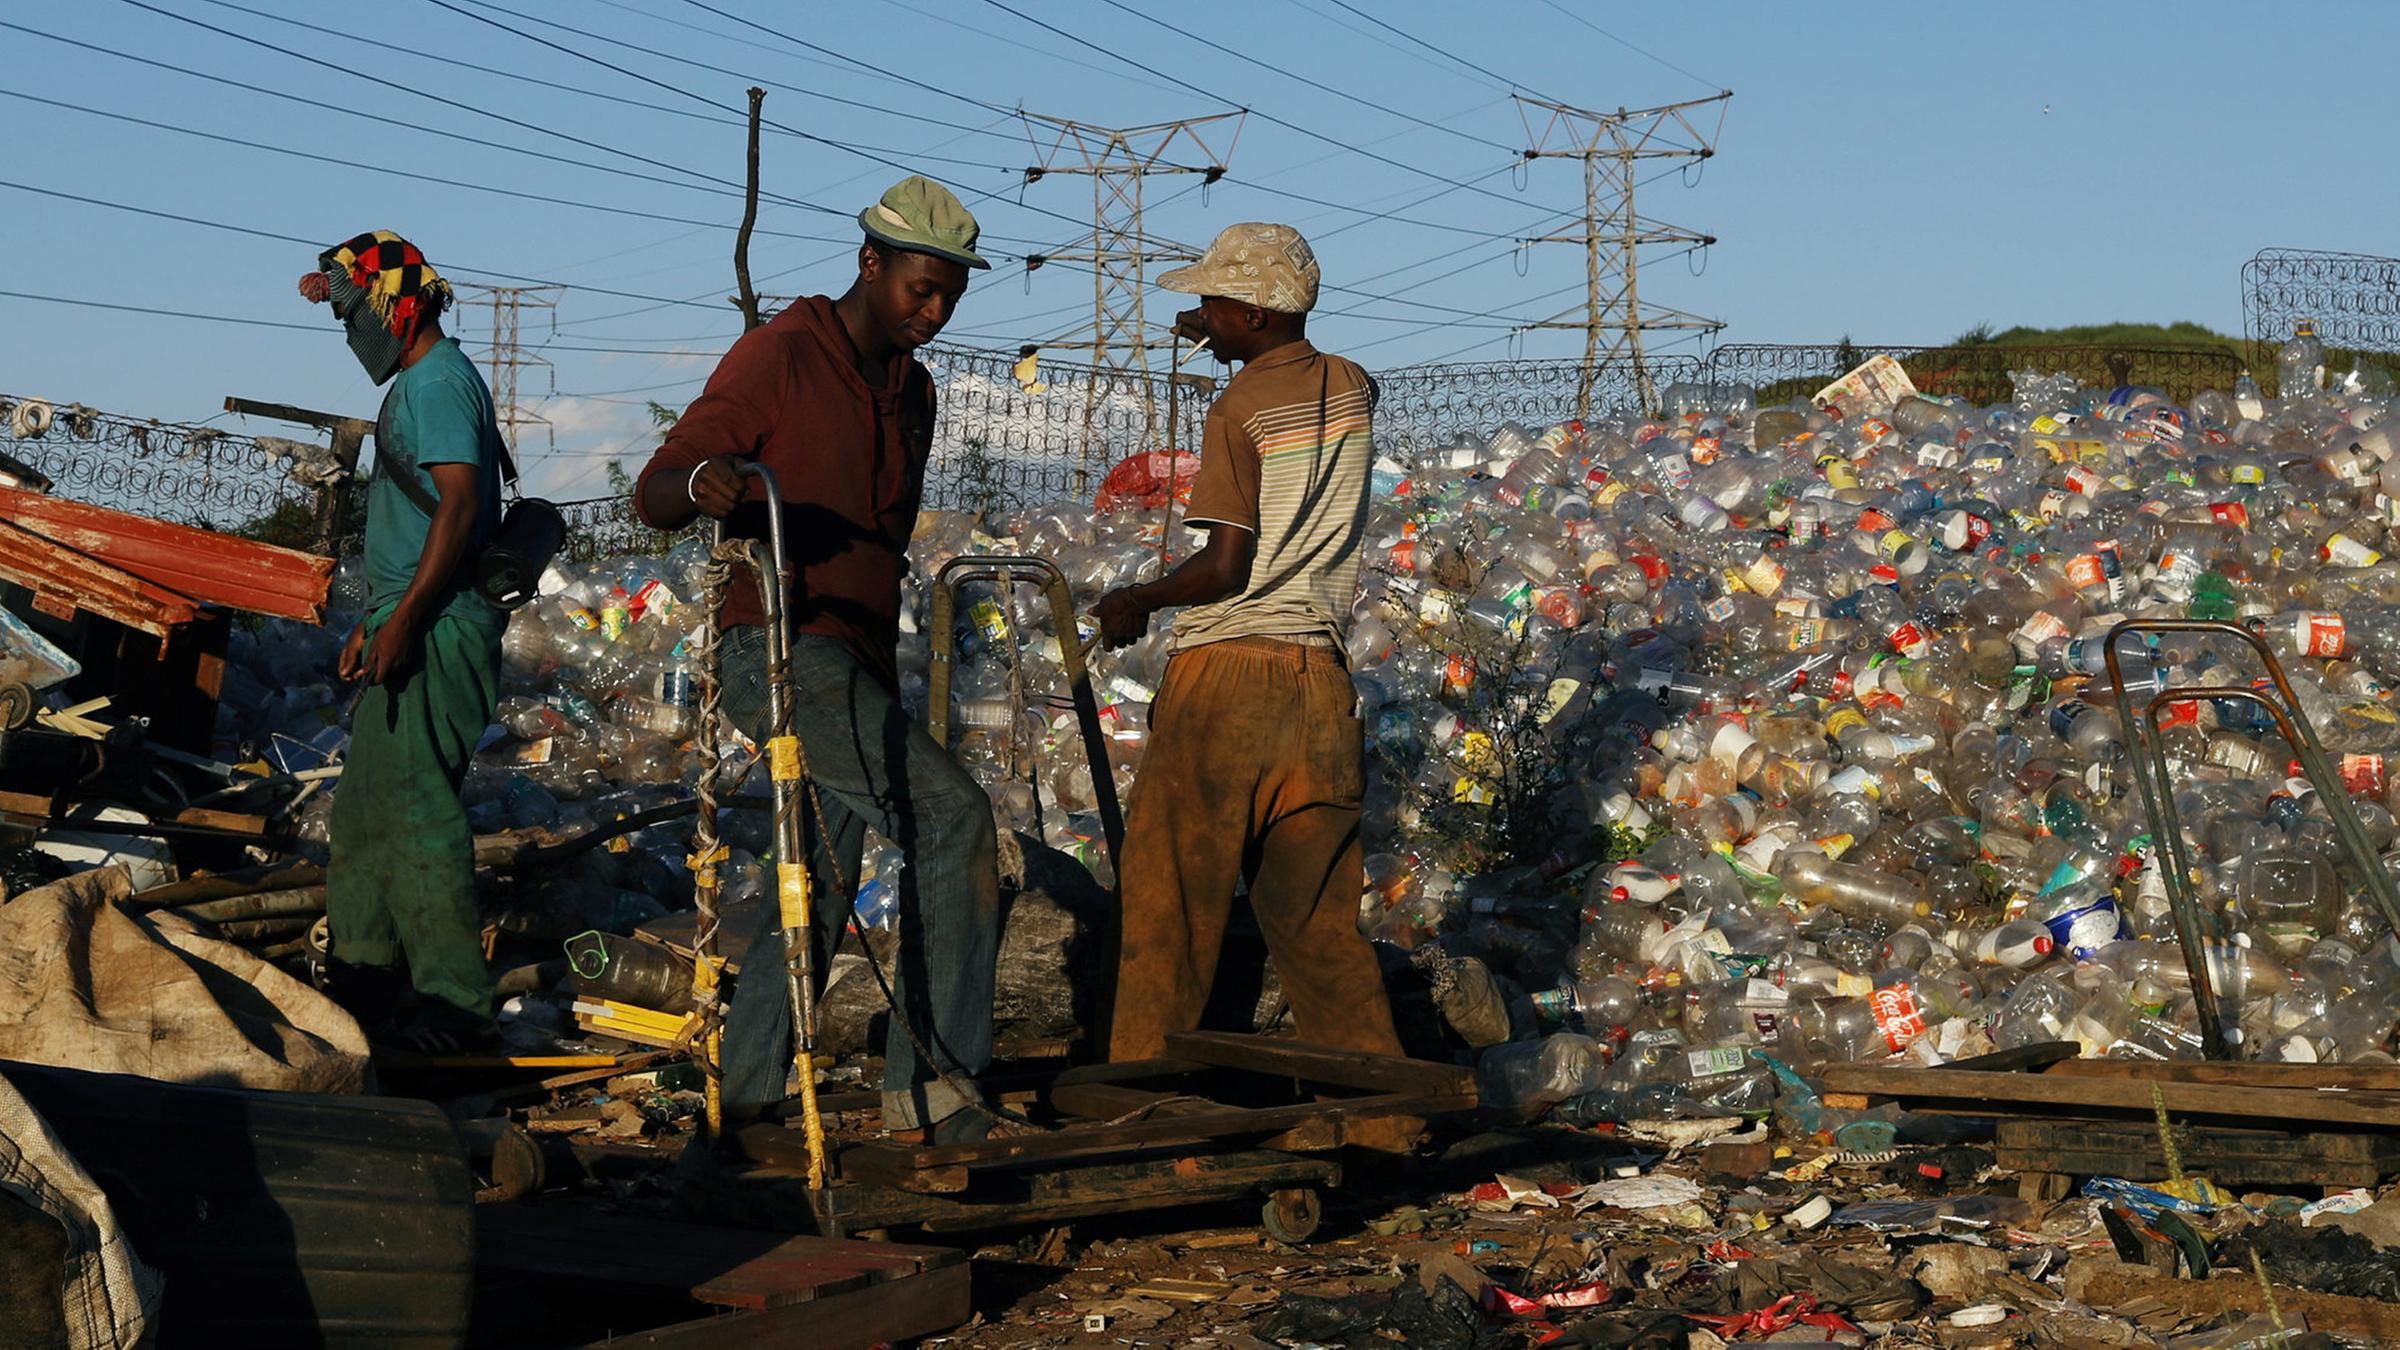 Südafrikanischer weißer Teenager